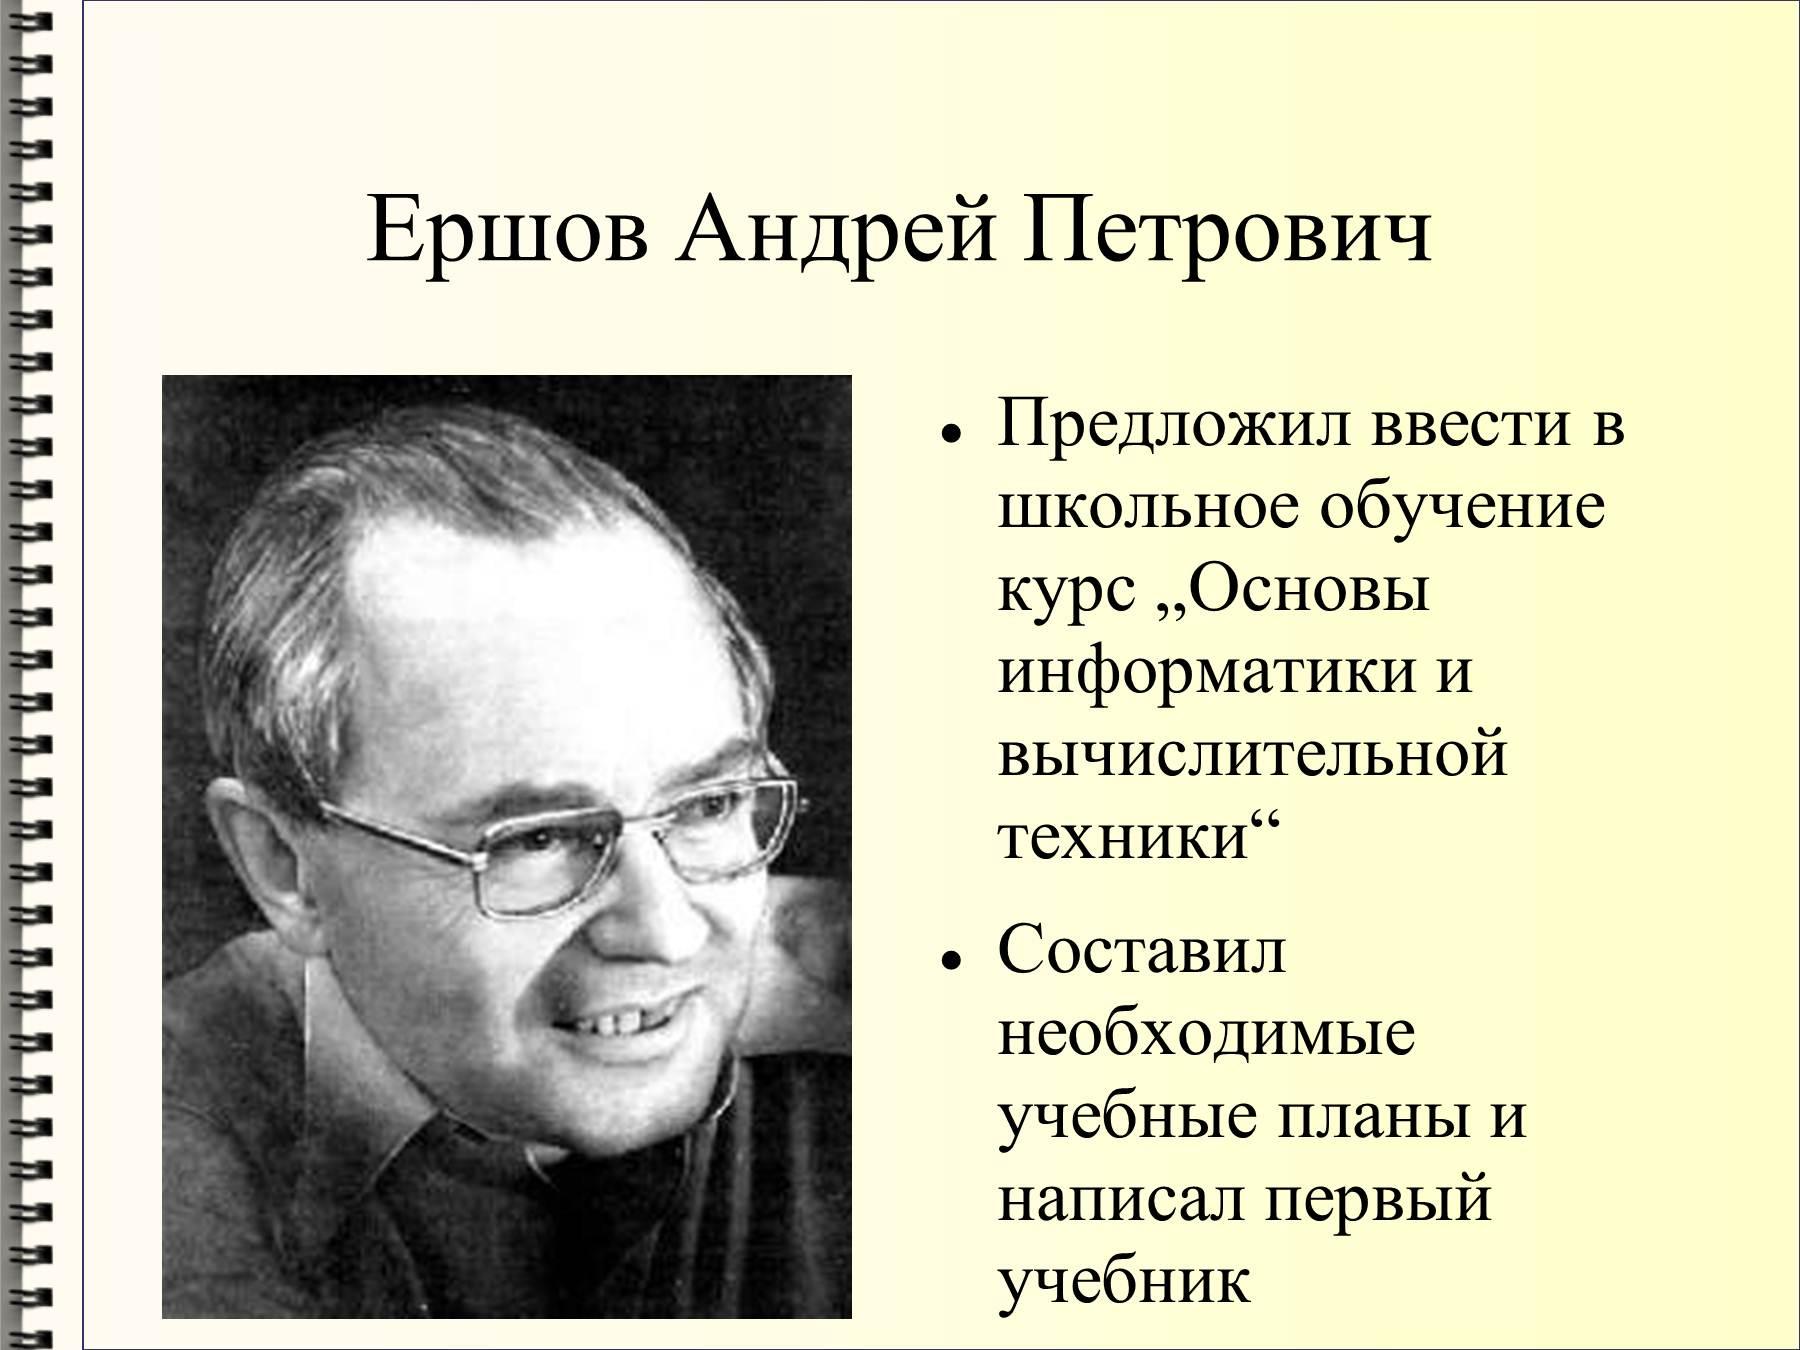 Ершов андрей петрович цитаты